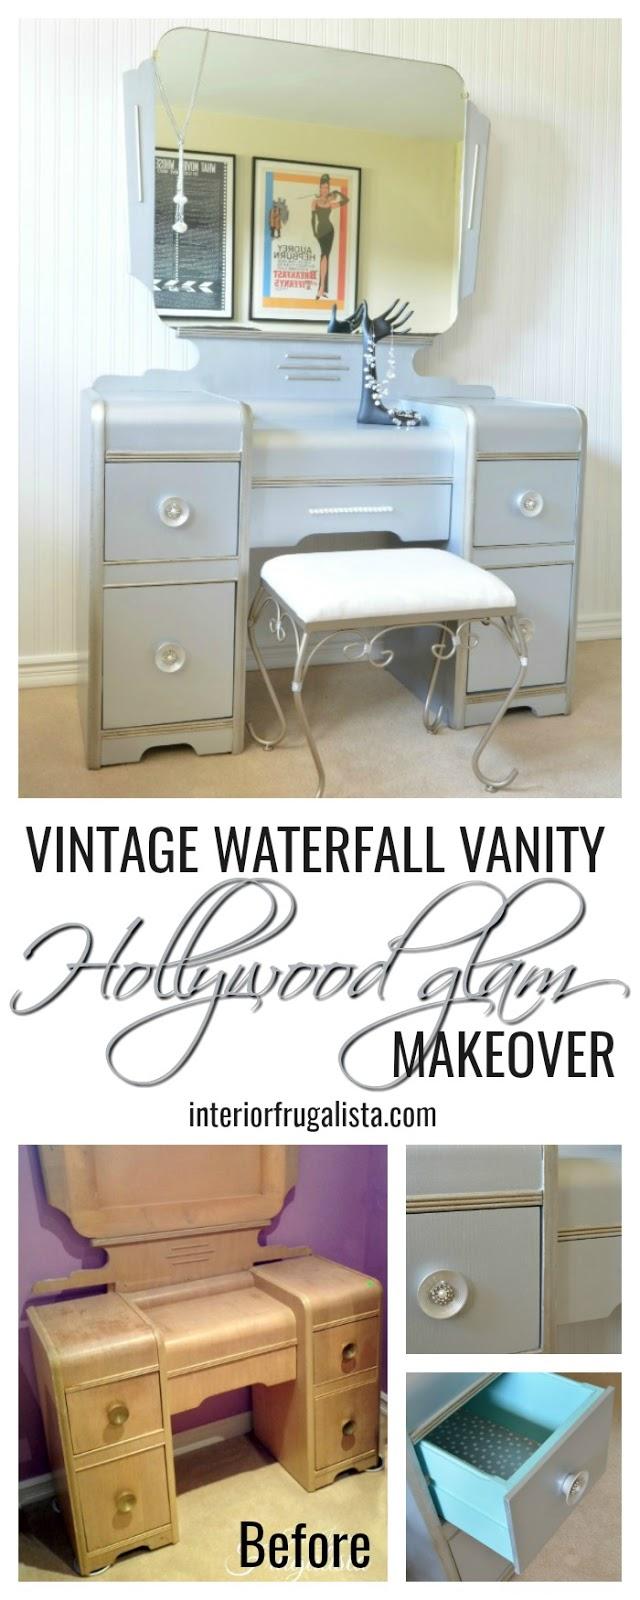 Hollywood Glam Vintage Waterfall Vanity Makeover